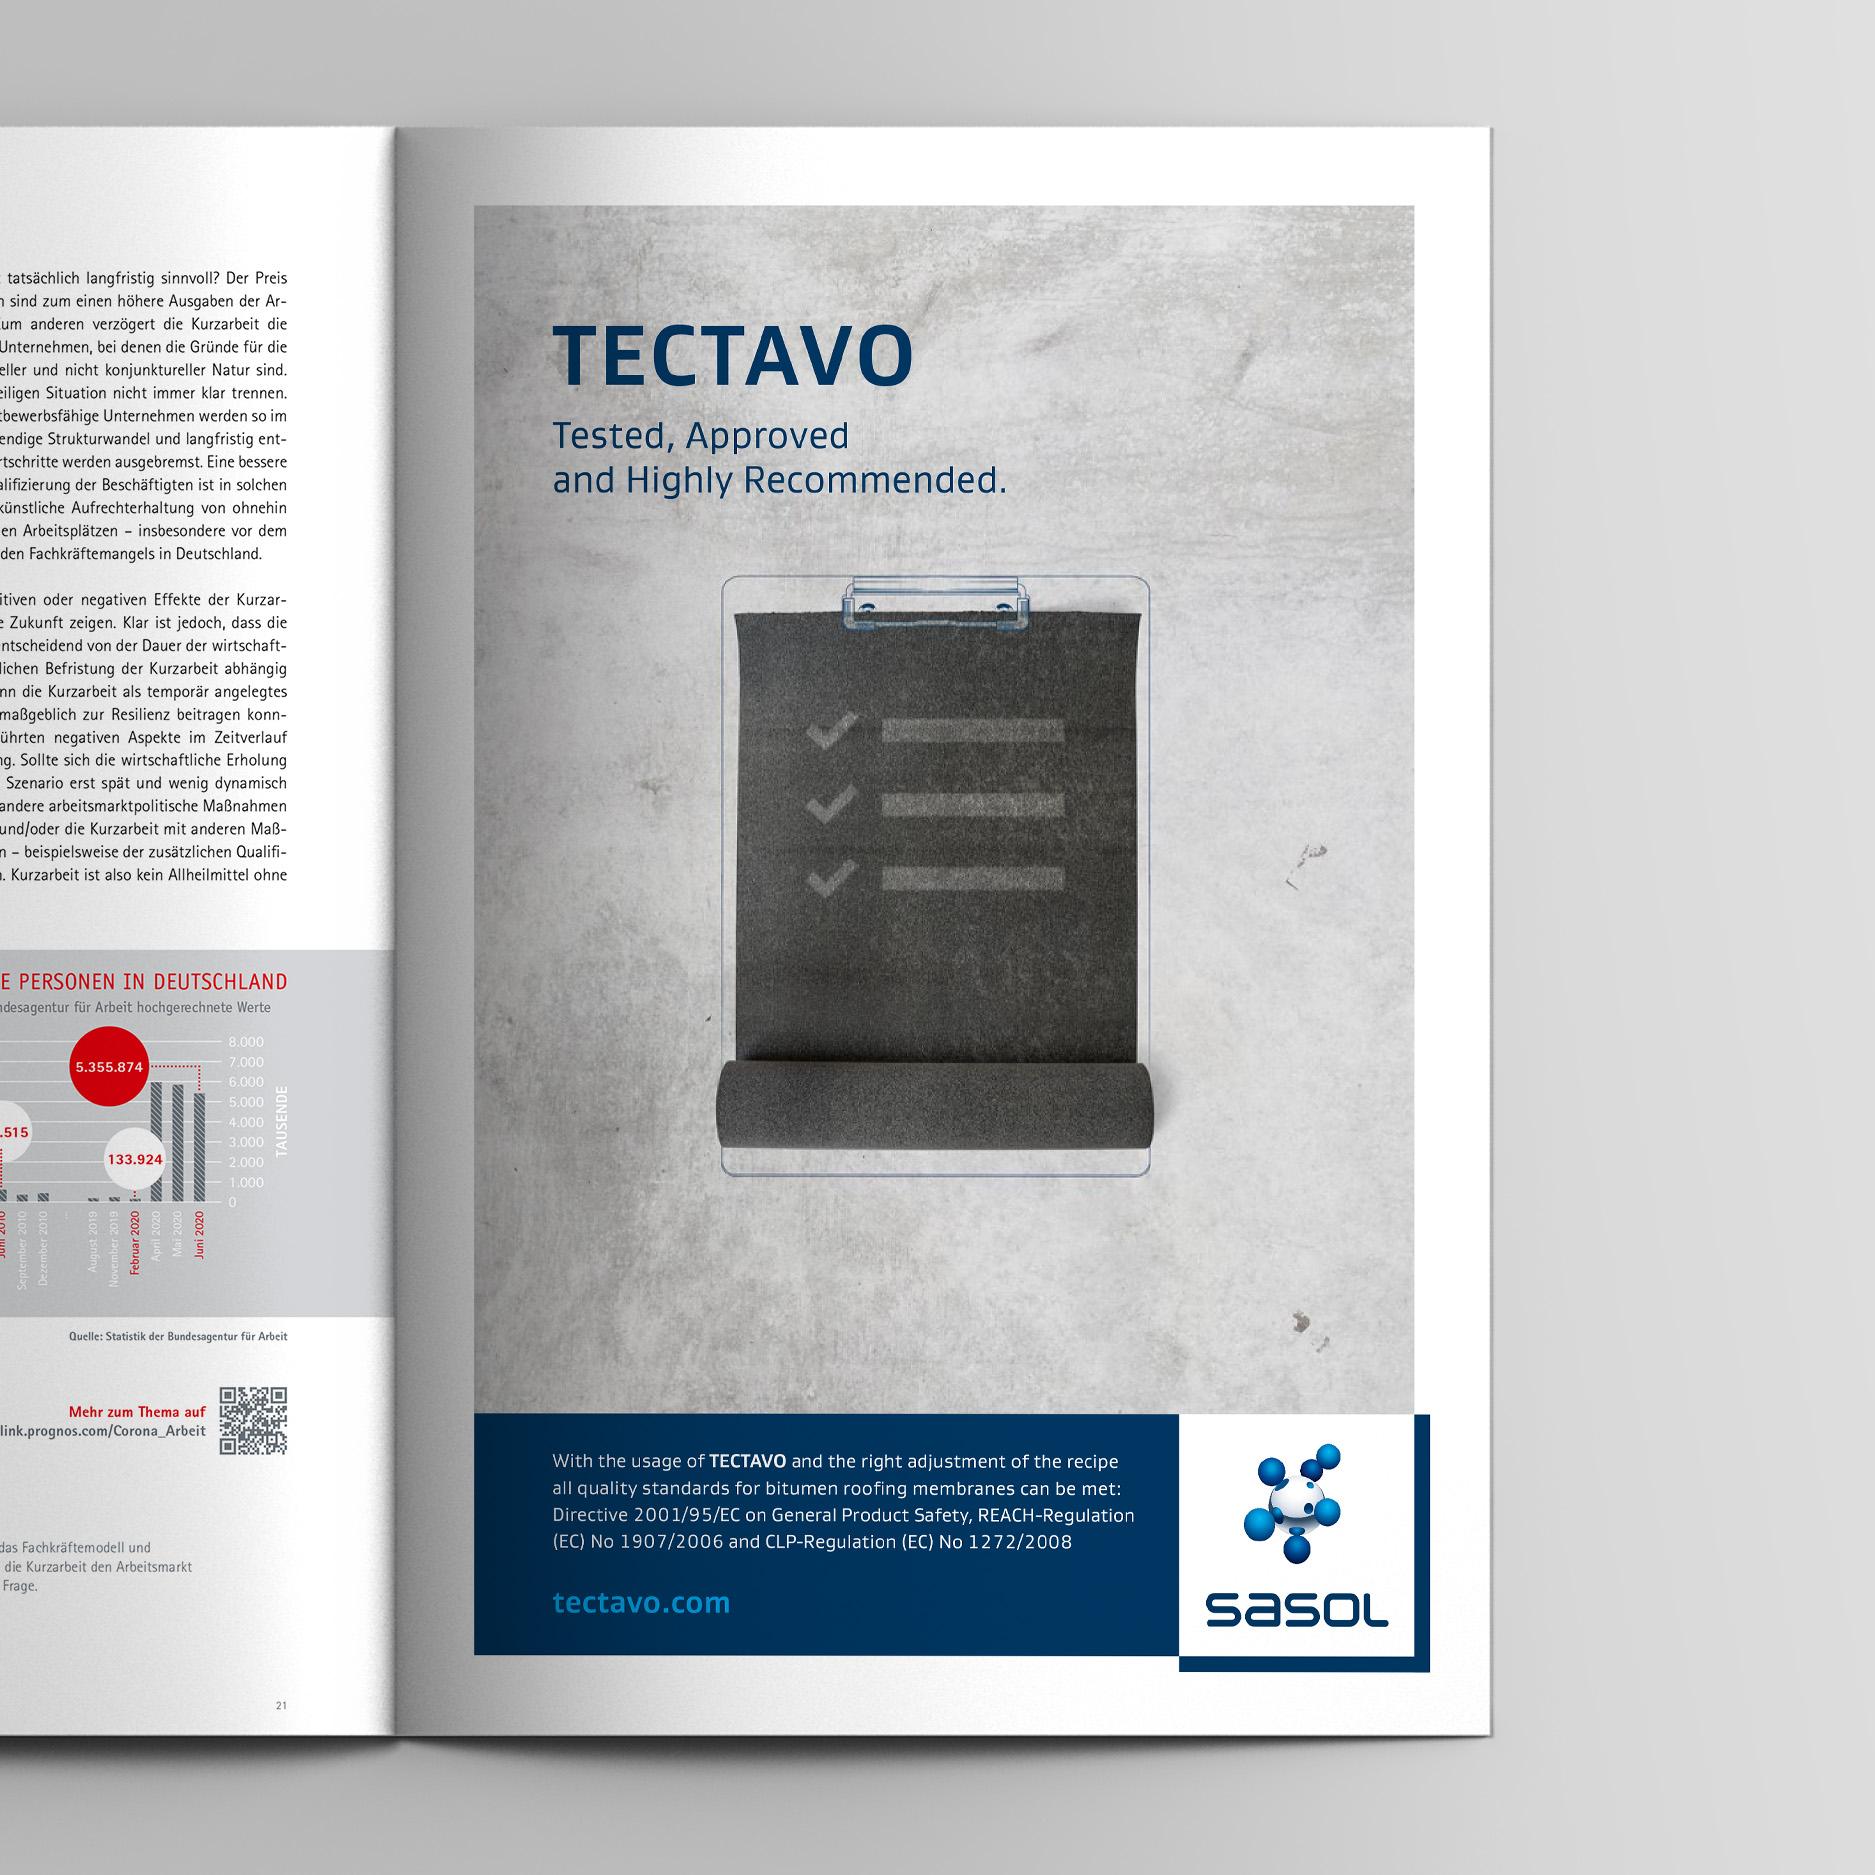 Keyvisual – Anzeige Reglementierungen (Sasol, Tectavo Productlaunch)